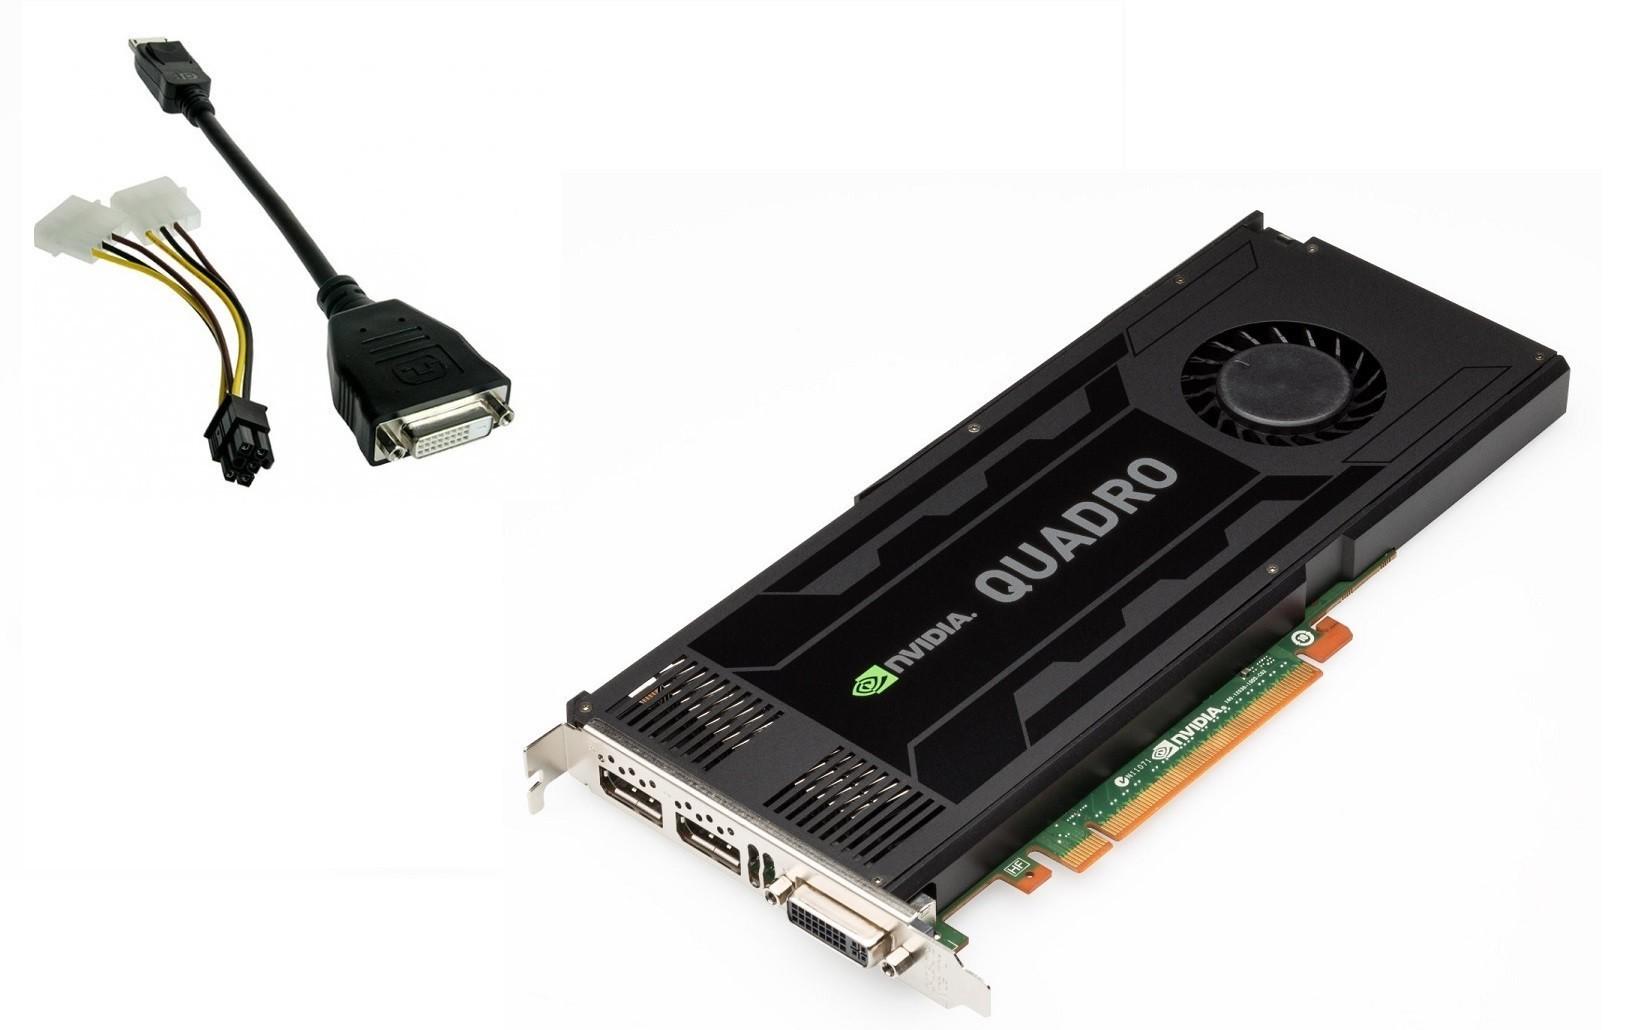 3GB HP 713381-001 Quadro K4000 GDDR5 PCI Express 2.0 x16 2x Displayports DVI Graphic Card